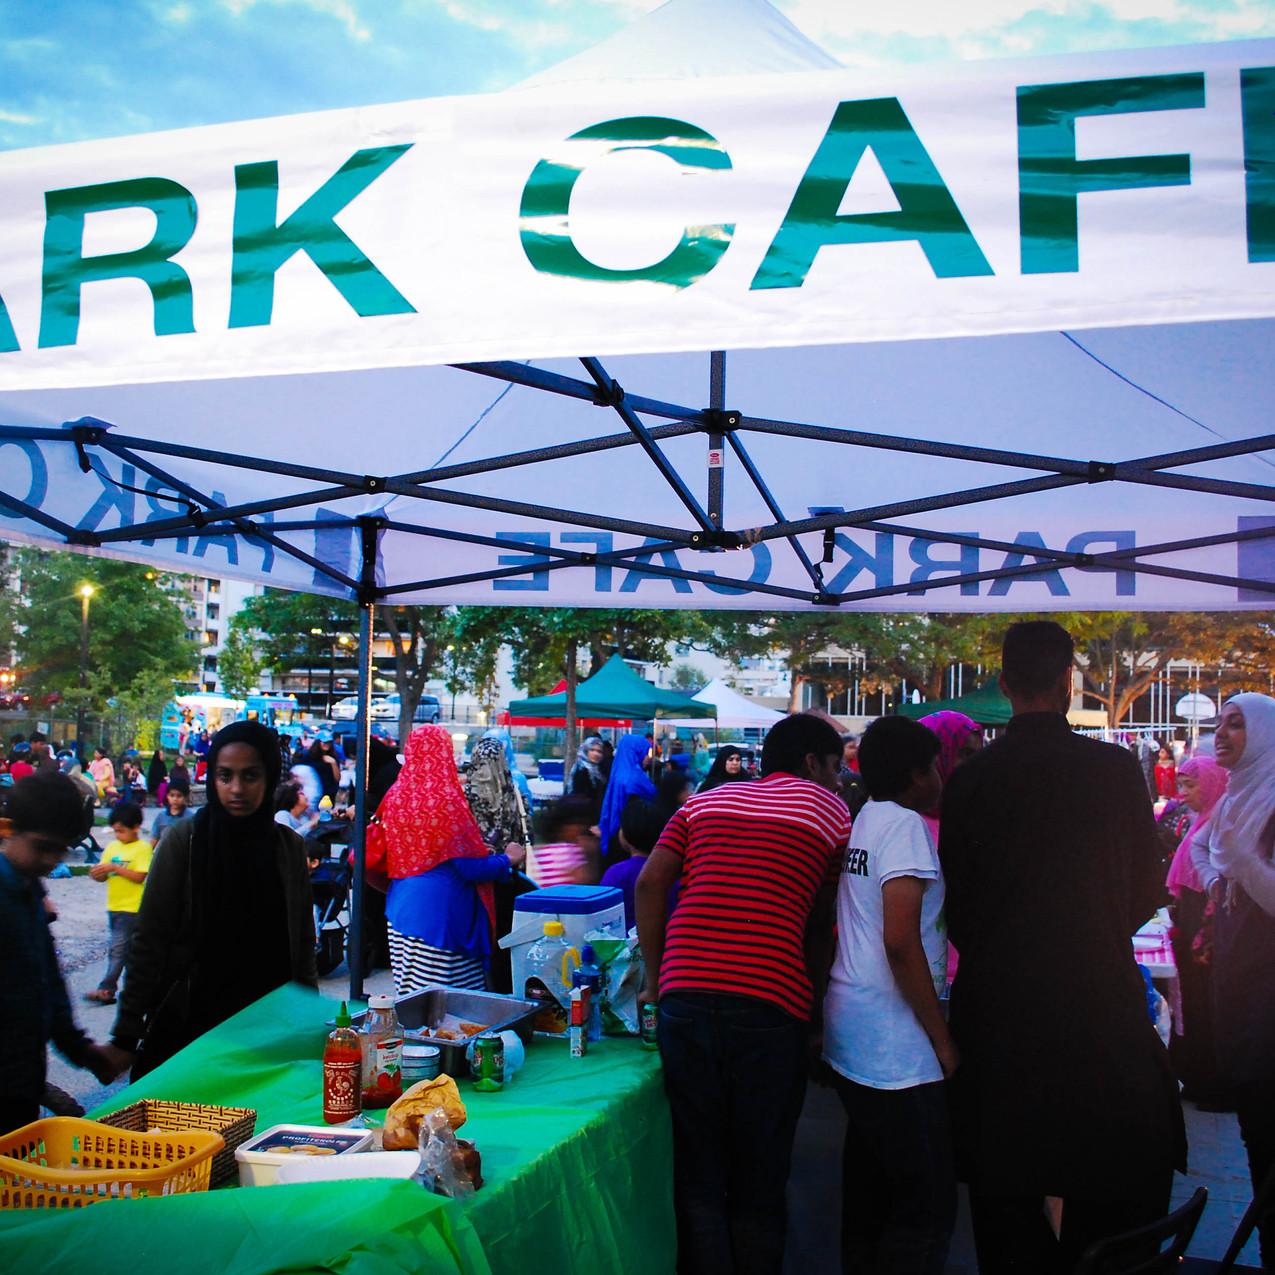 Pop-Up Park Café